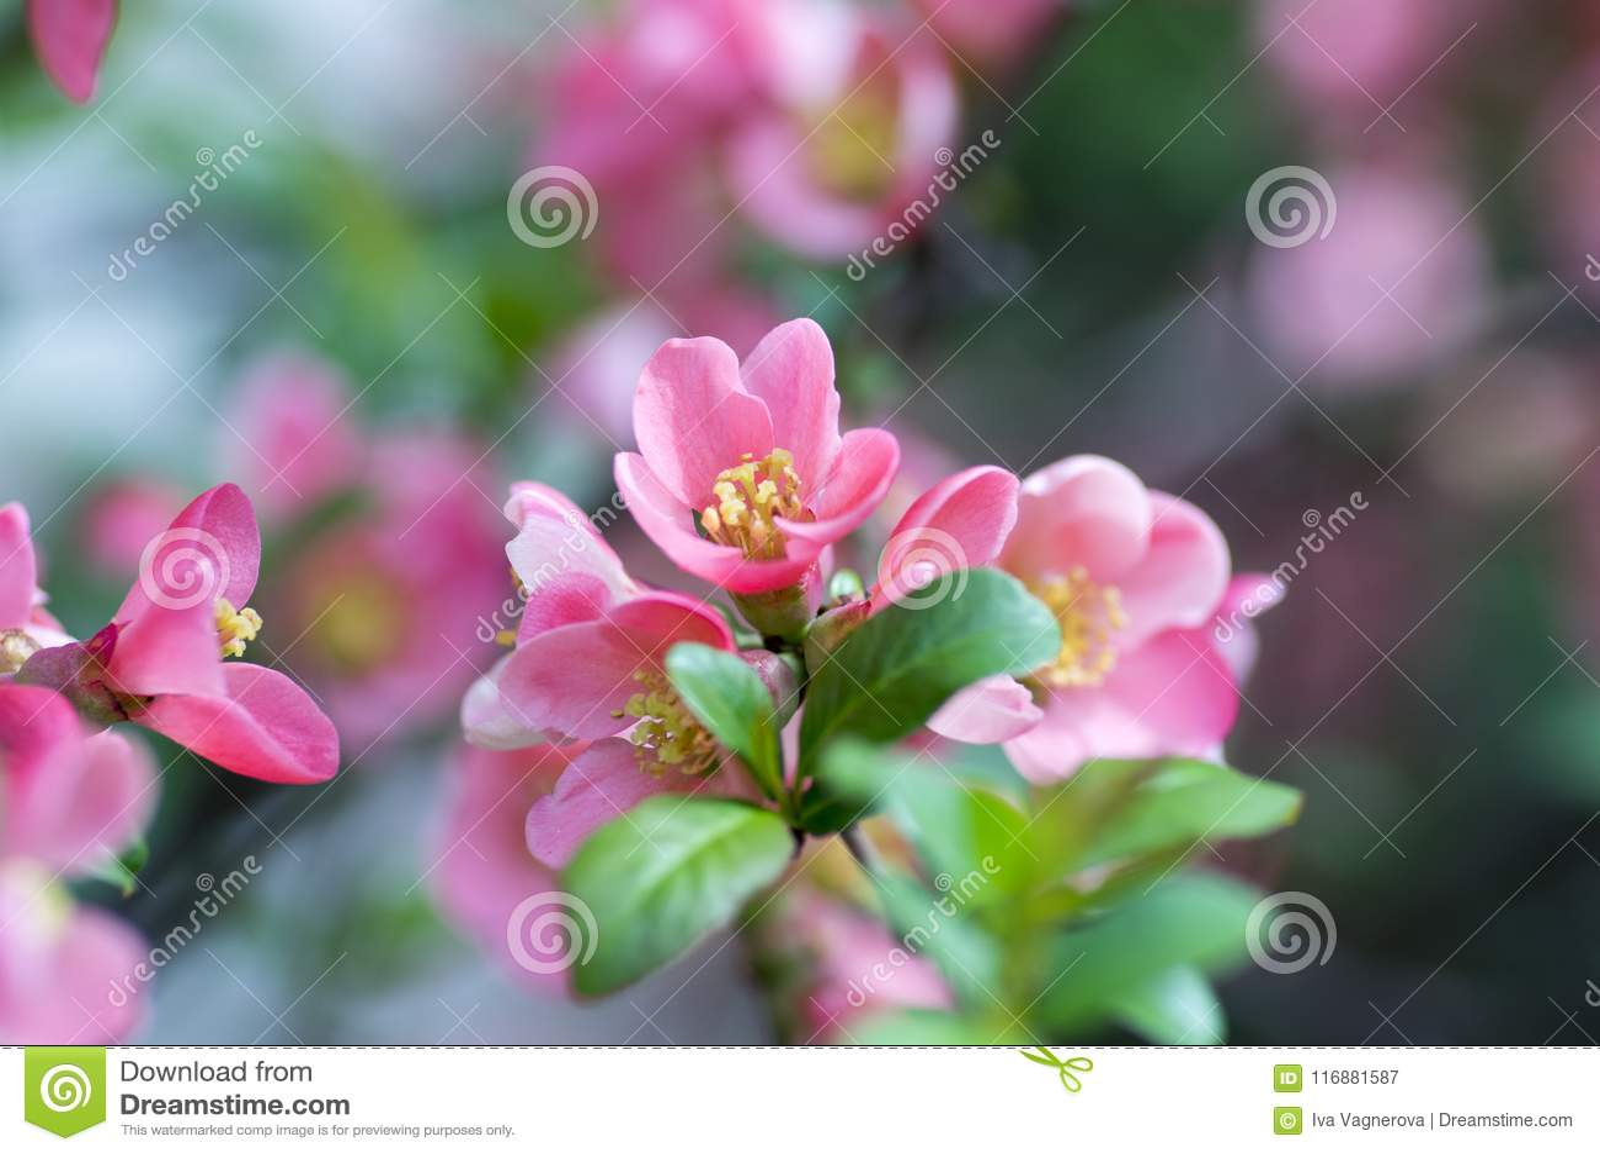 Fiore Giallo Quattro Petali.Ornamental Shrub Chaenomeles Japonica Cultivar Superba With